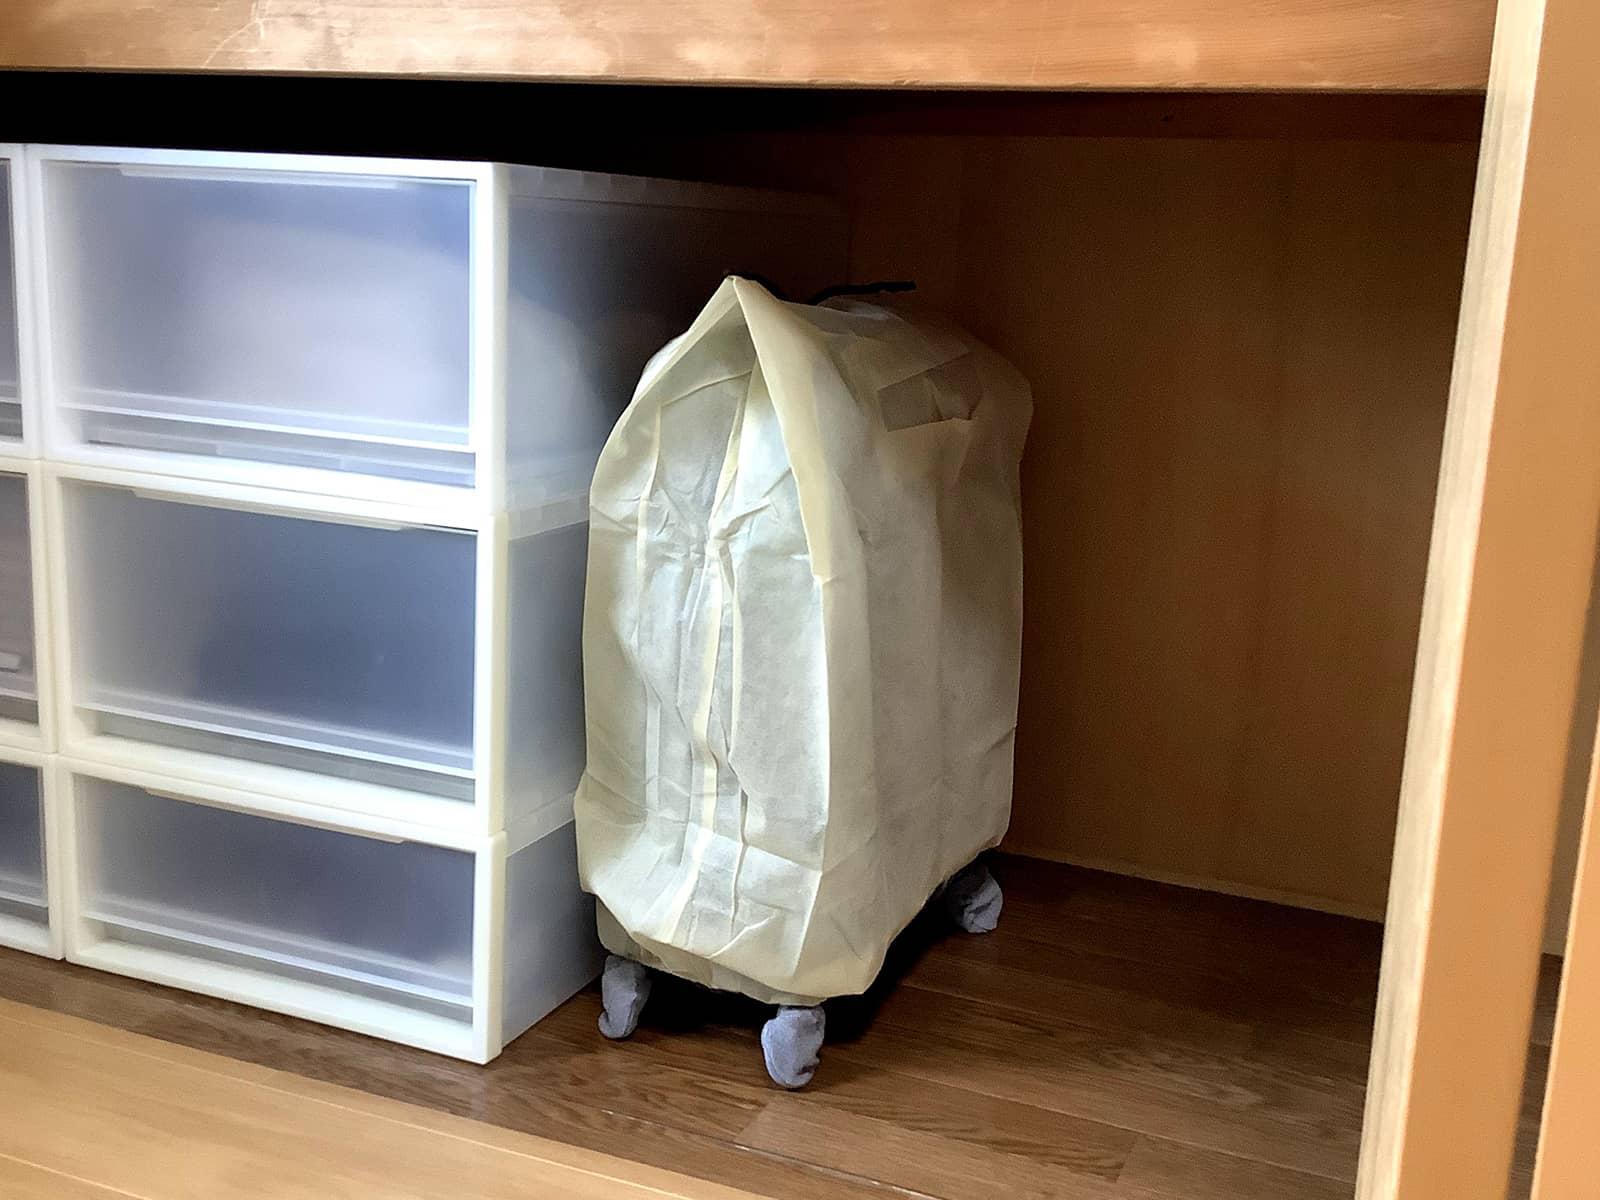 スーツケースカバーをかけて保管されているスーツケース